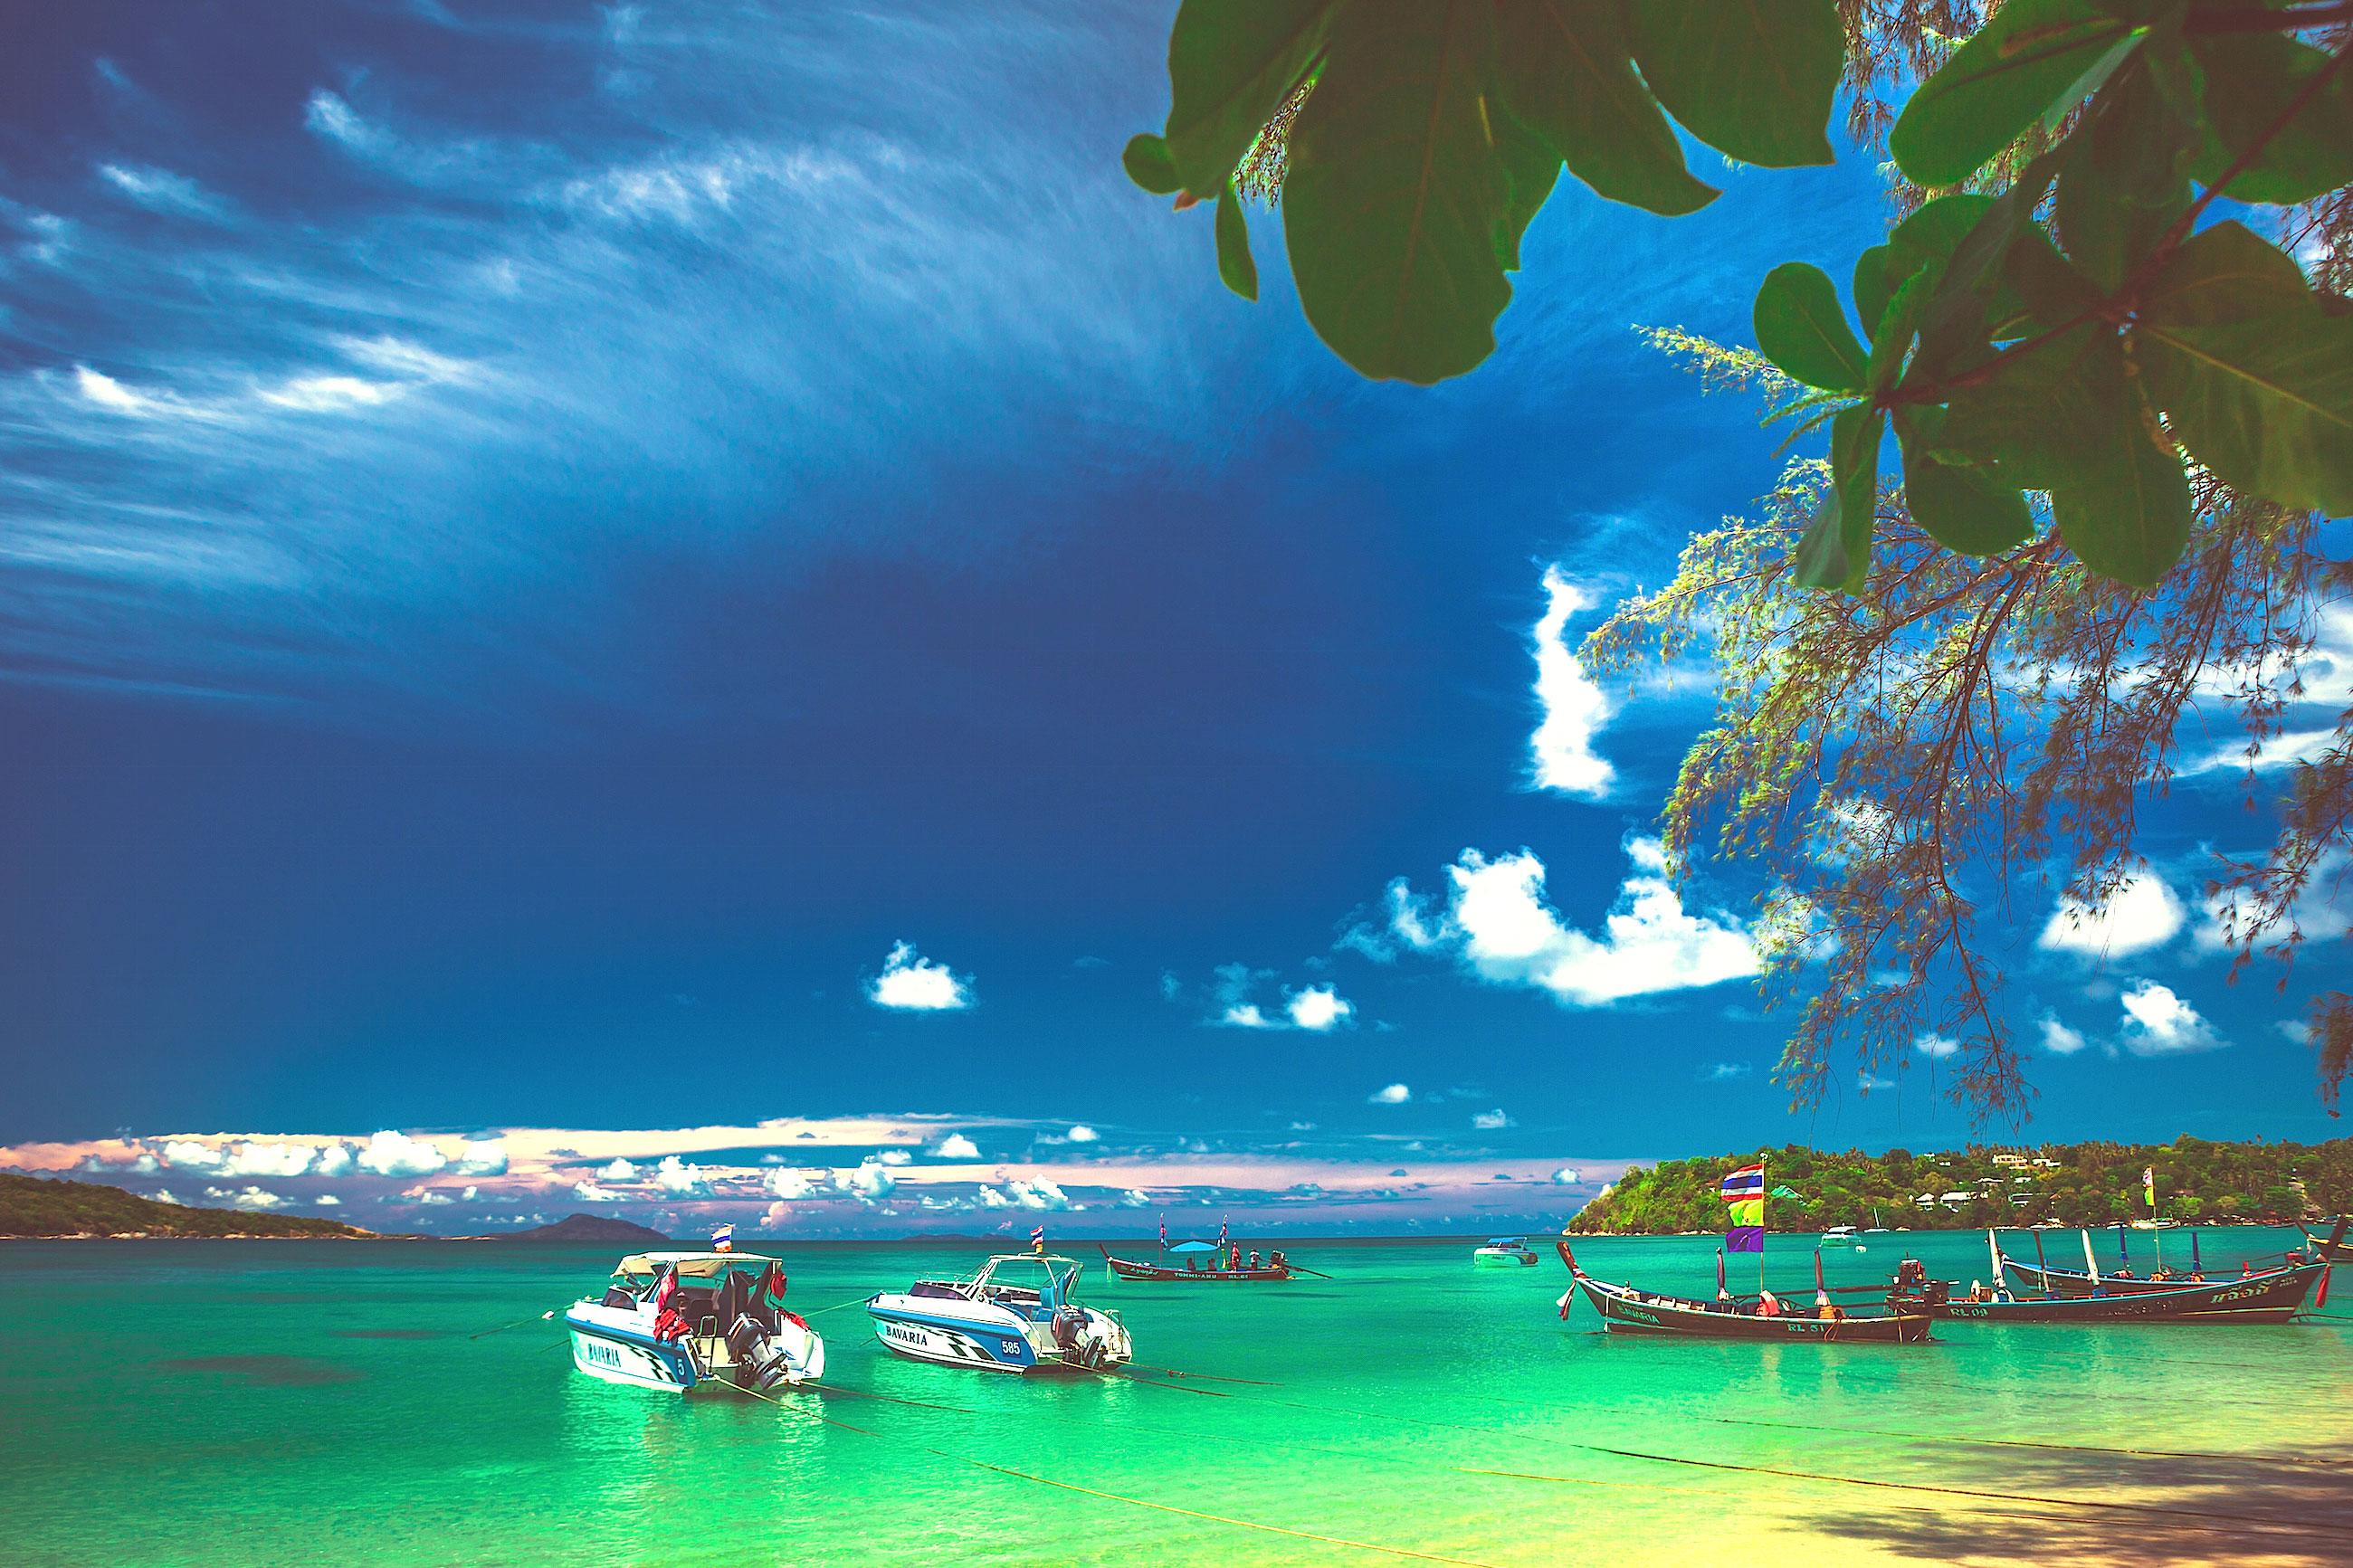 rawai beach, phuket